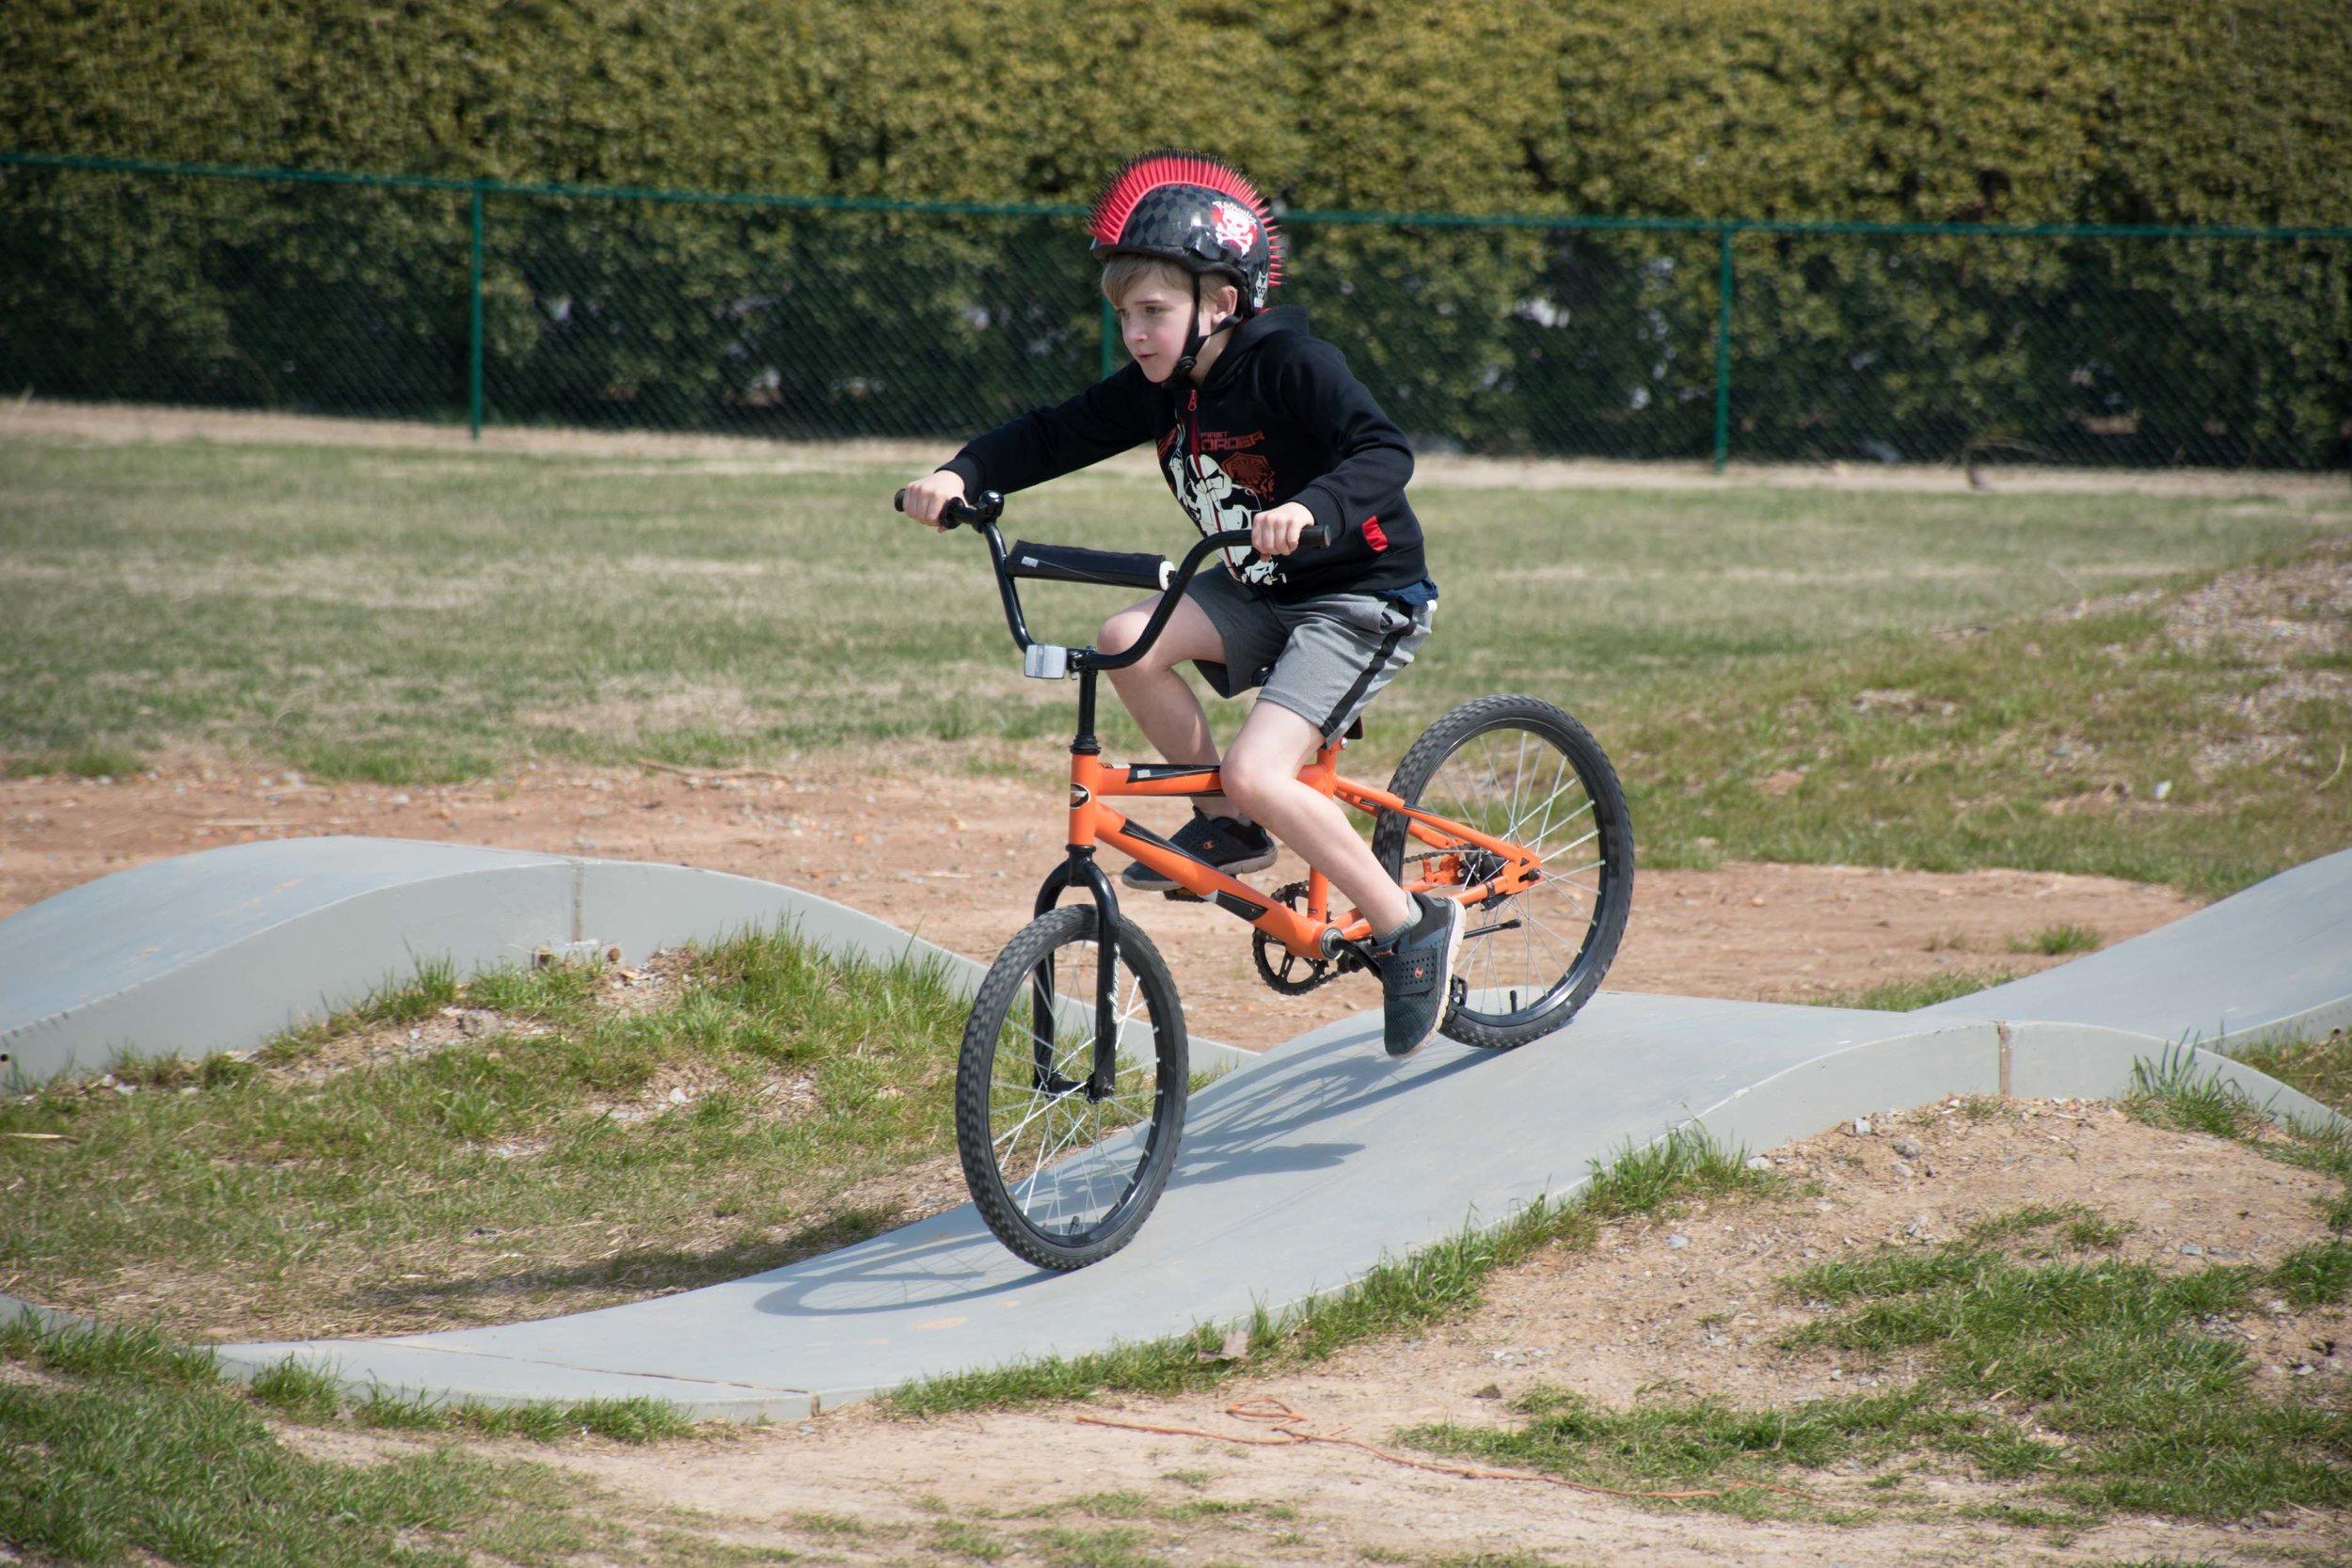 Bike Skills Summer Camp